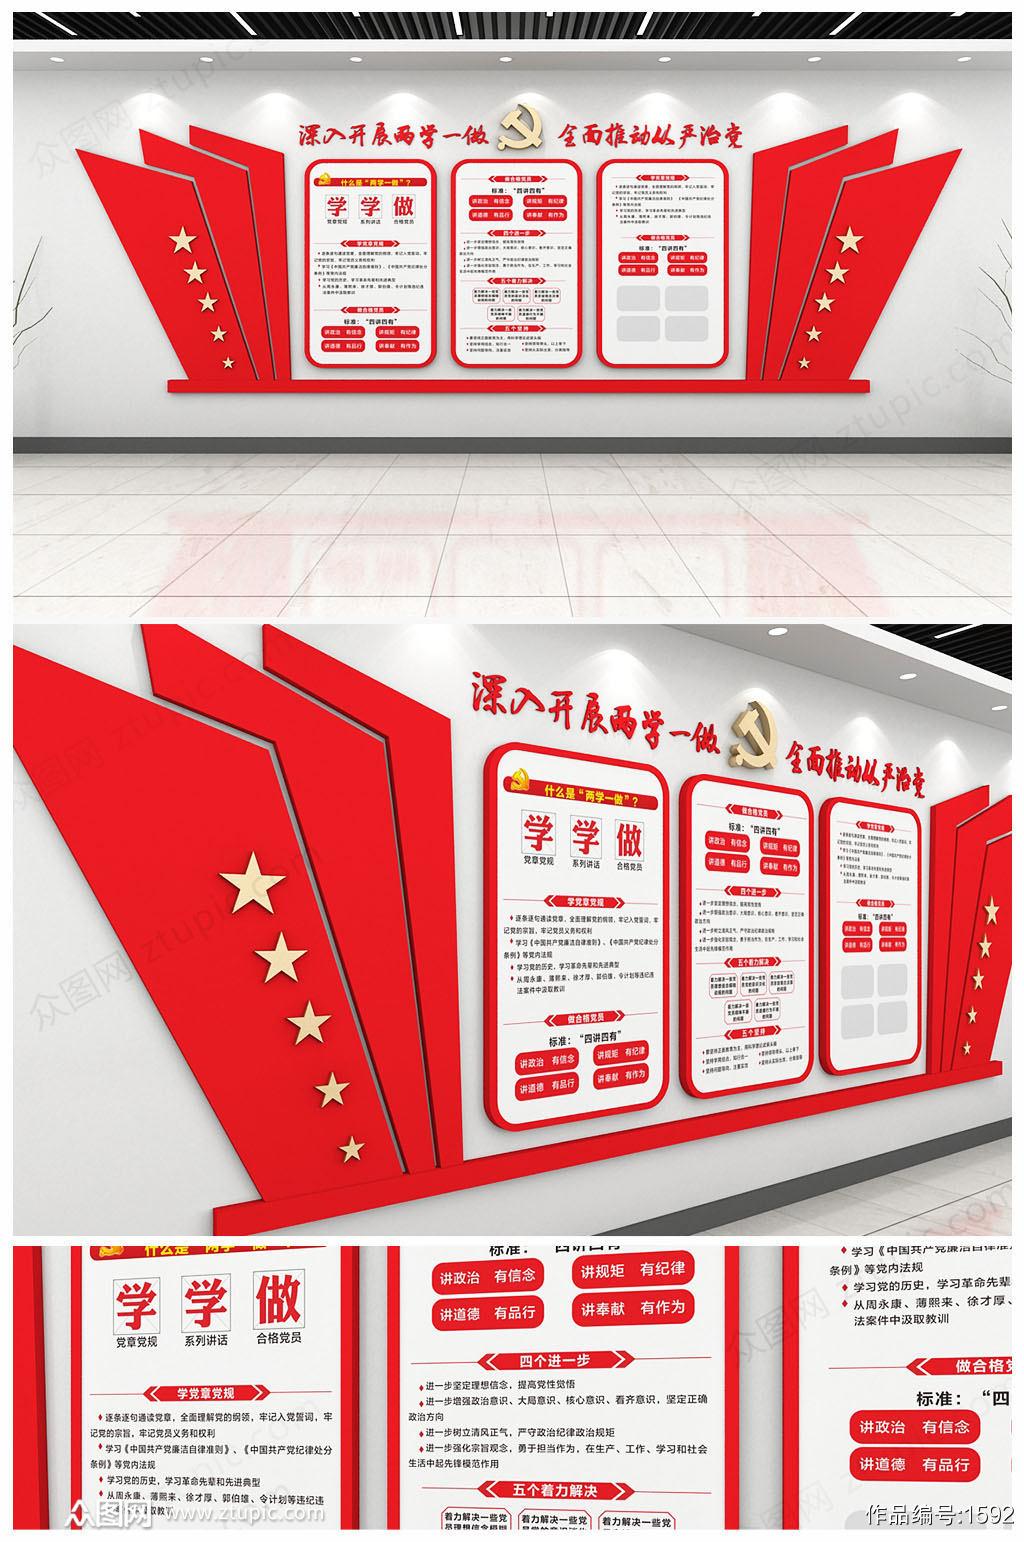 红色立体两学一做立体文化墙设计素材